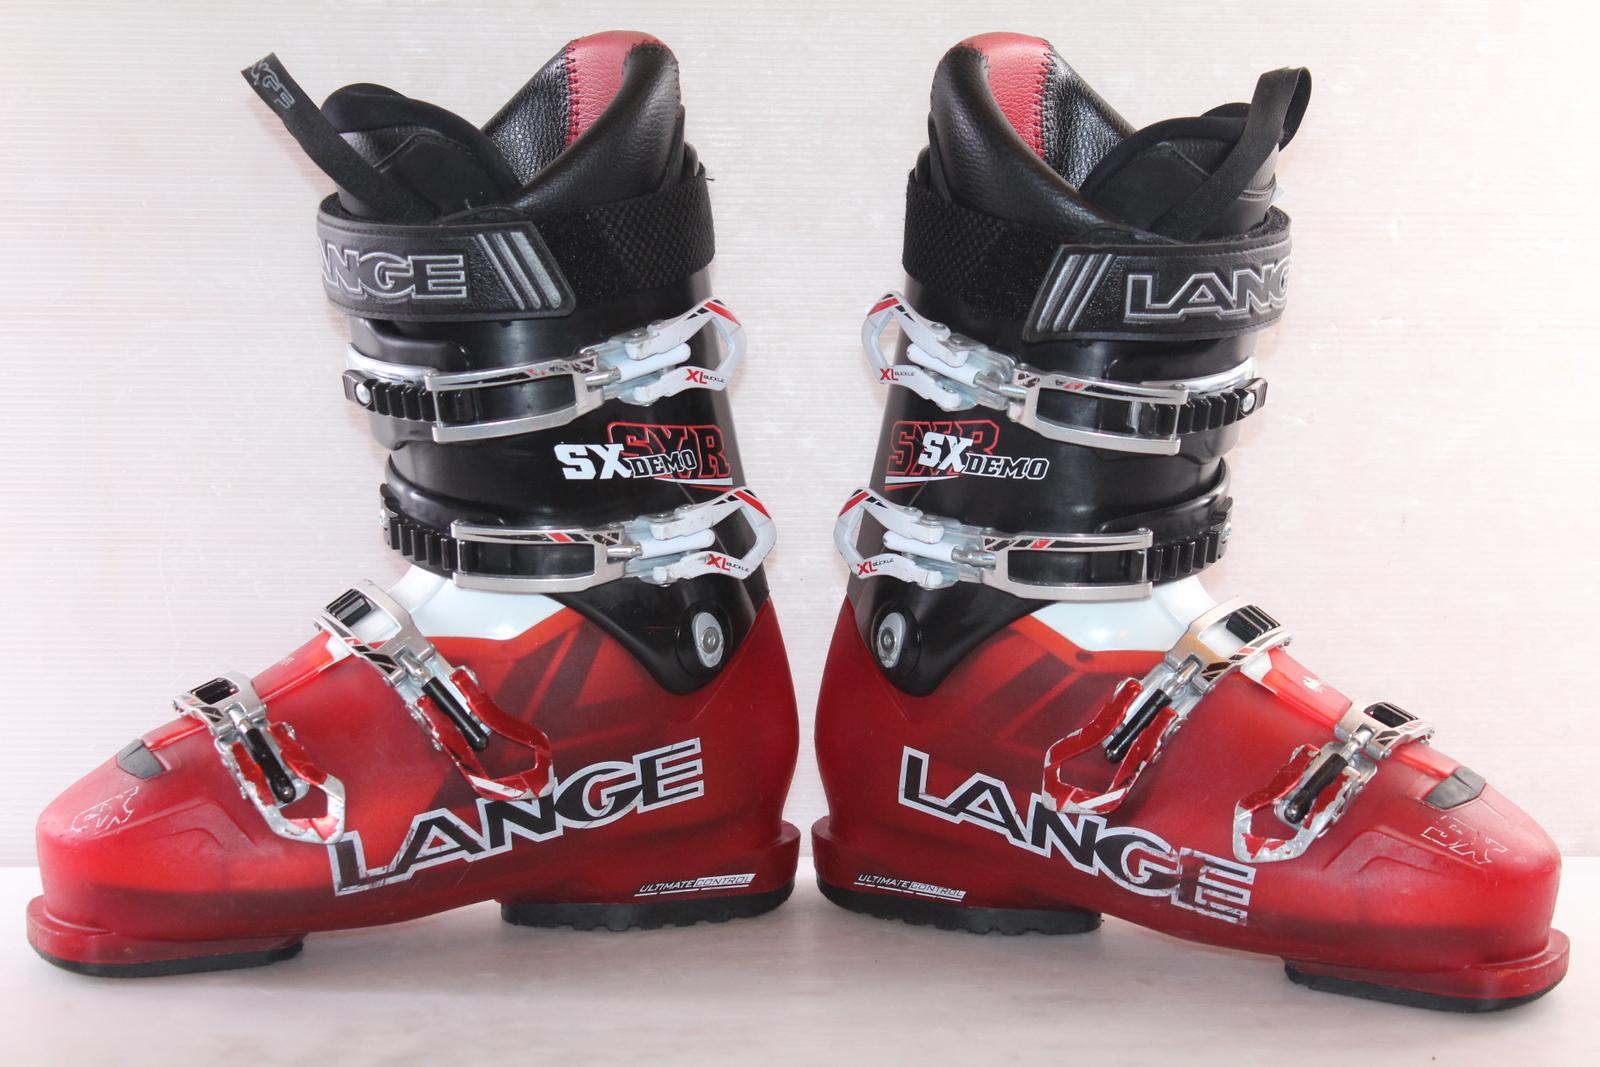 Lyžařské boty Lange Demo SXR vel. EU41